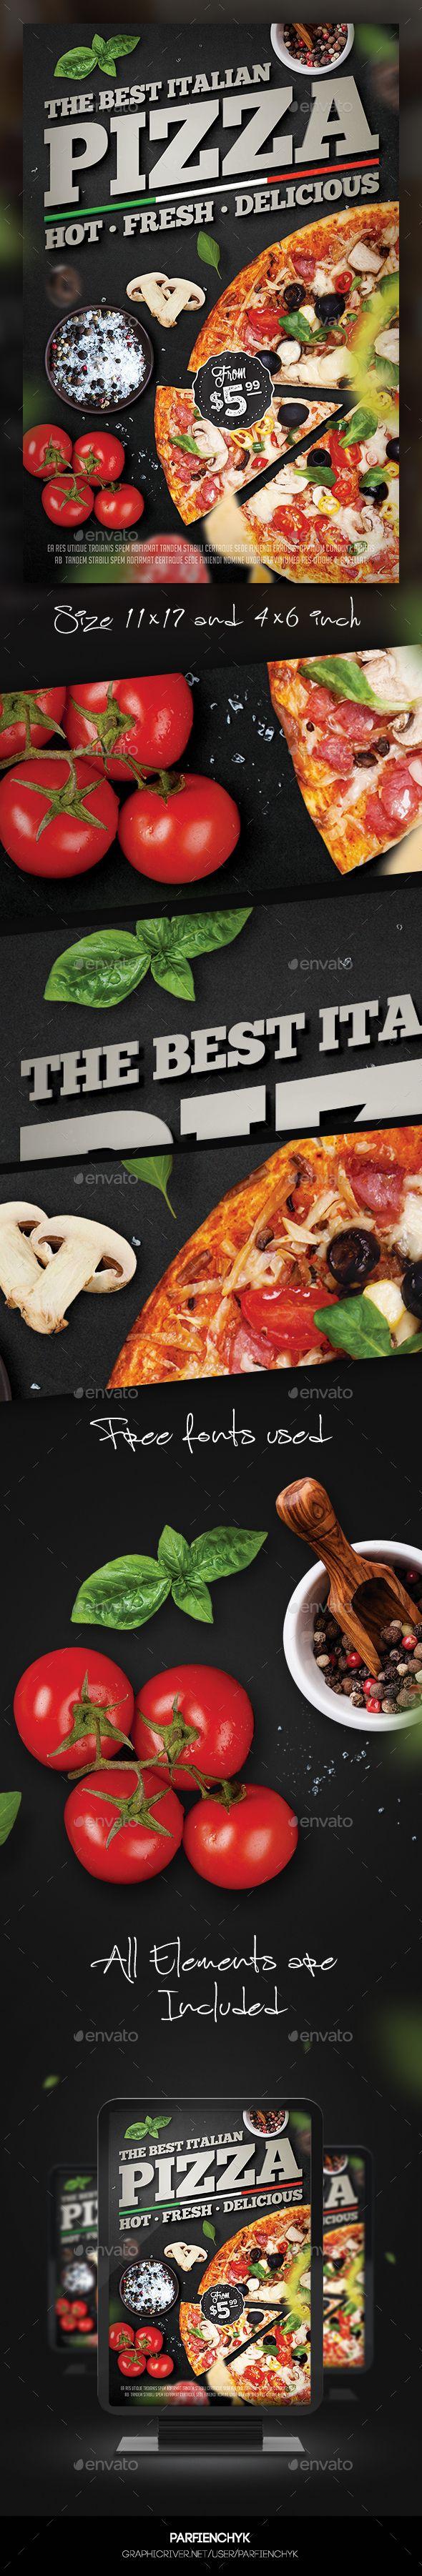 Pizza Flyer Template | Restaurante, Pizzas y Menus restaurantes